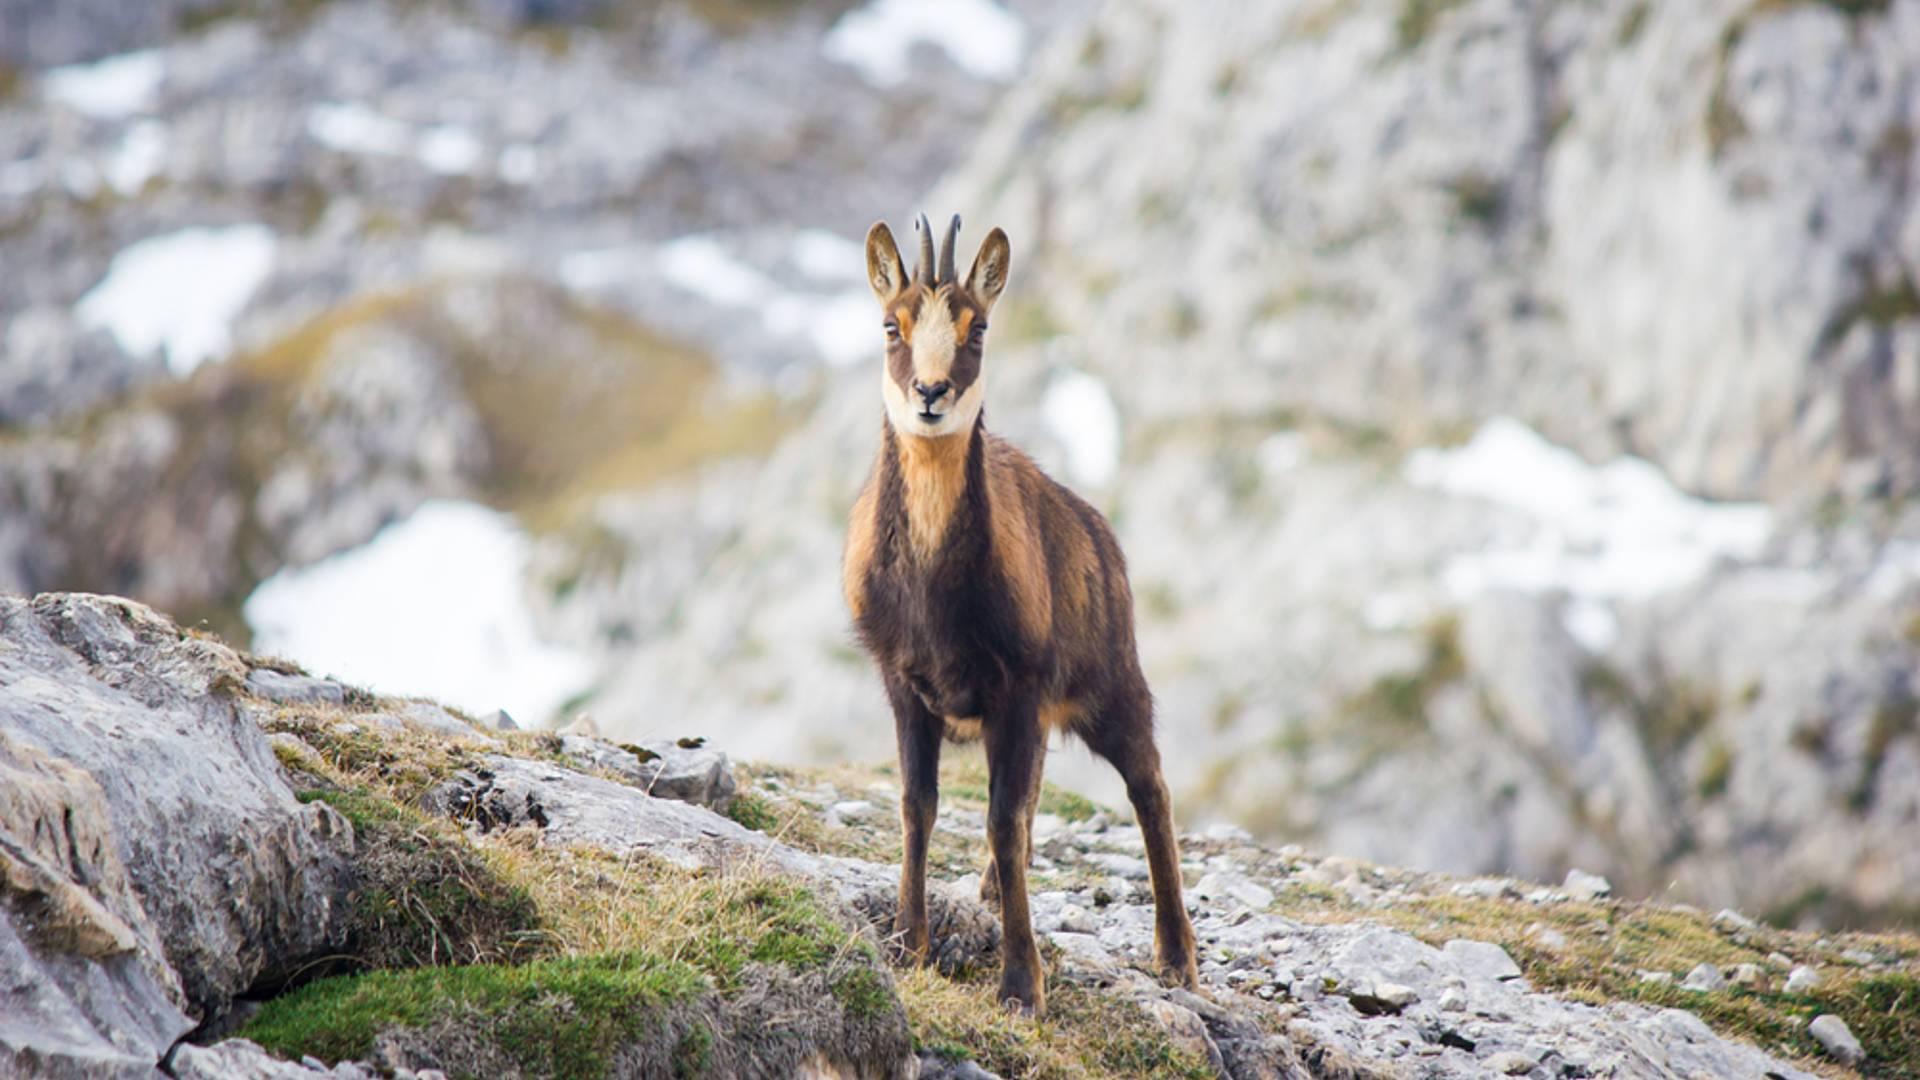 Immersion hivernale en pleine nature dans les Pyrénées